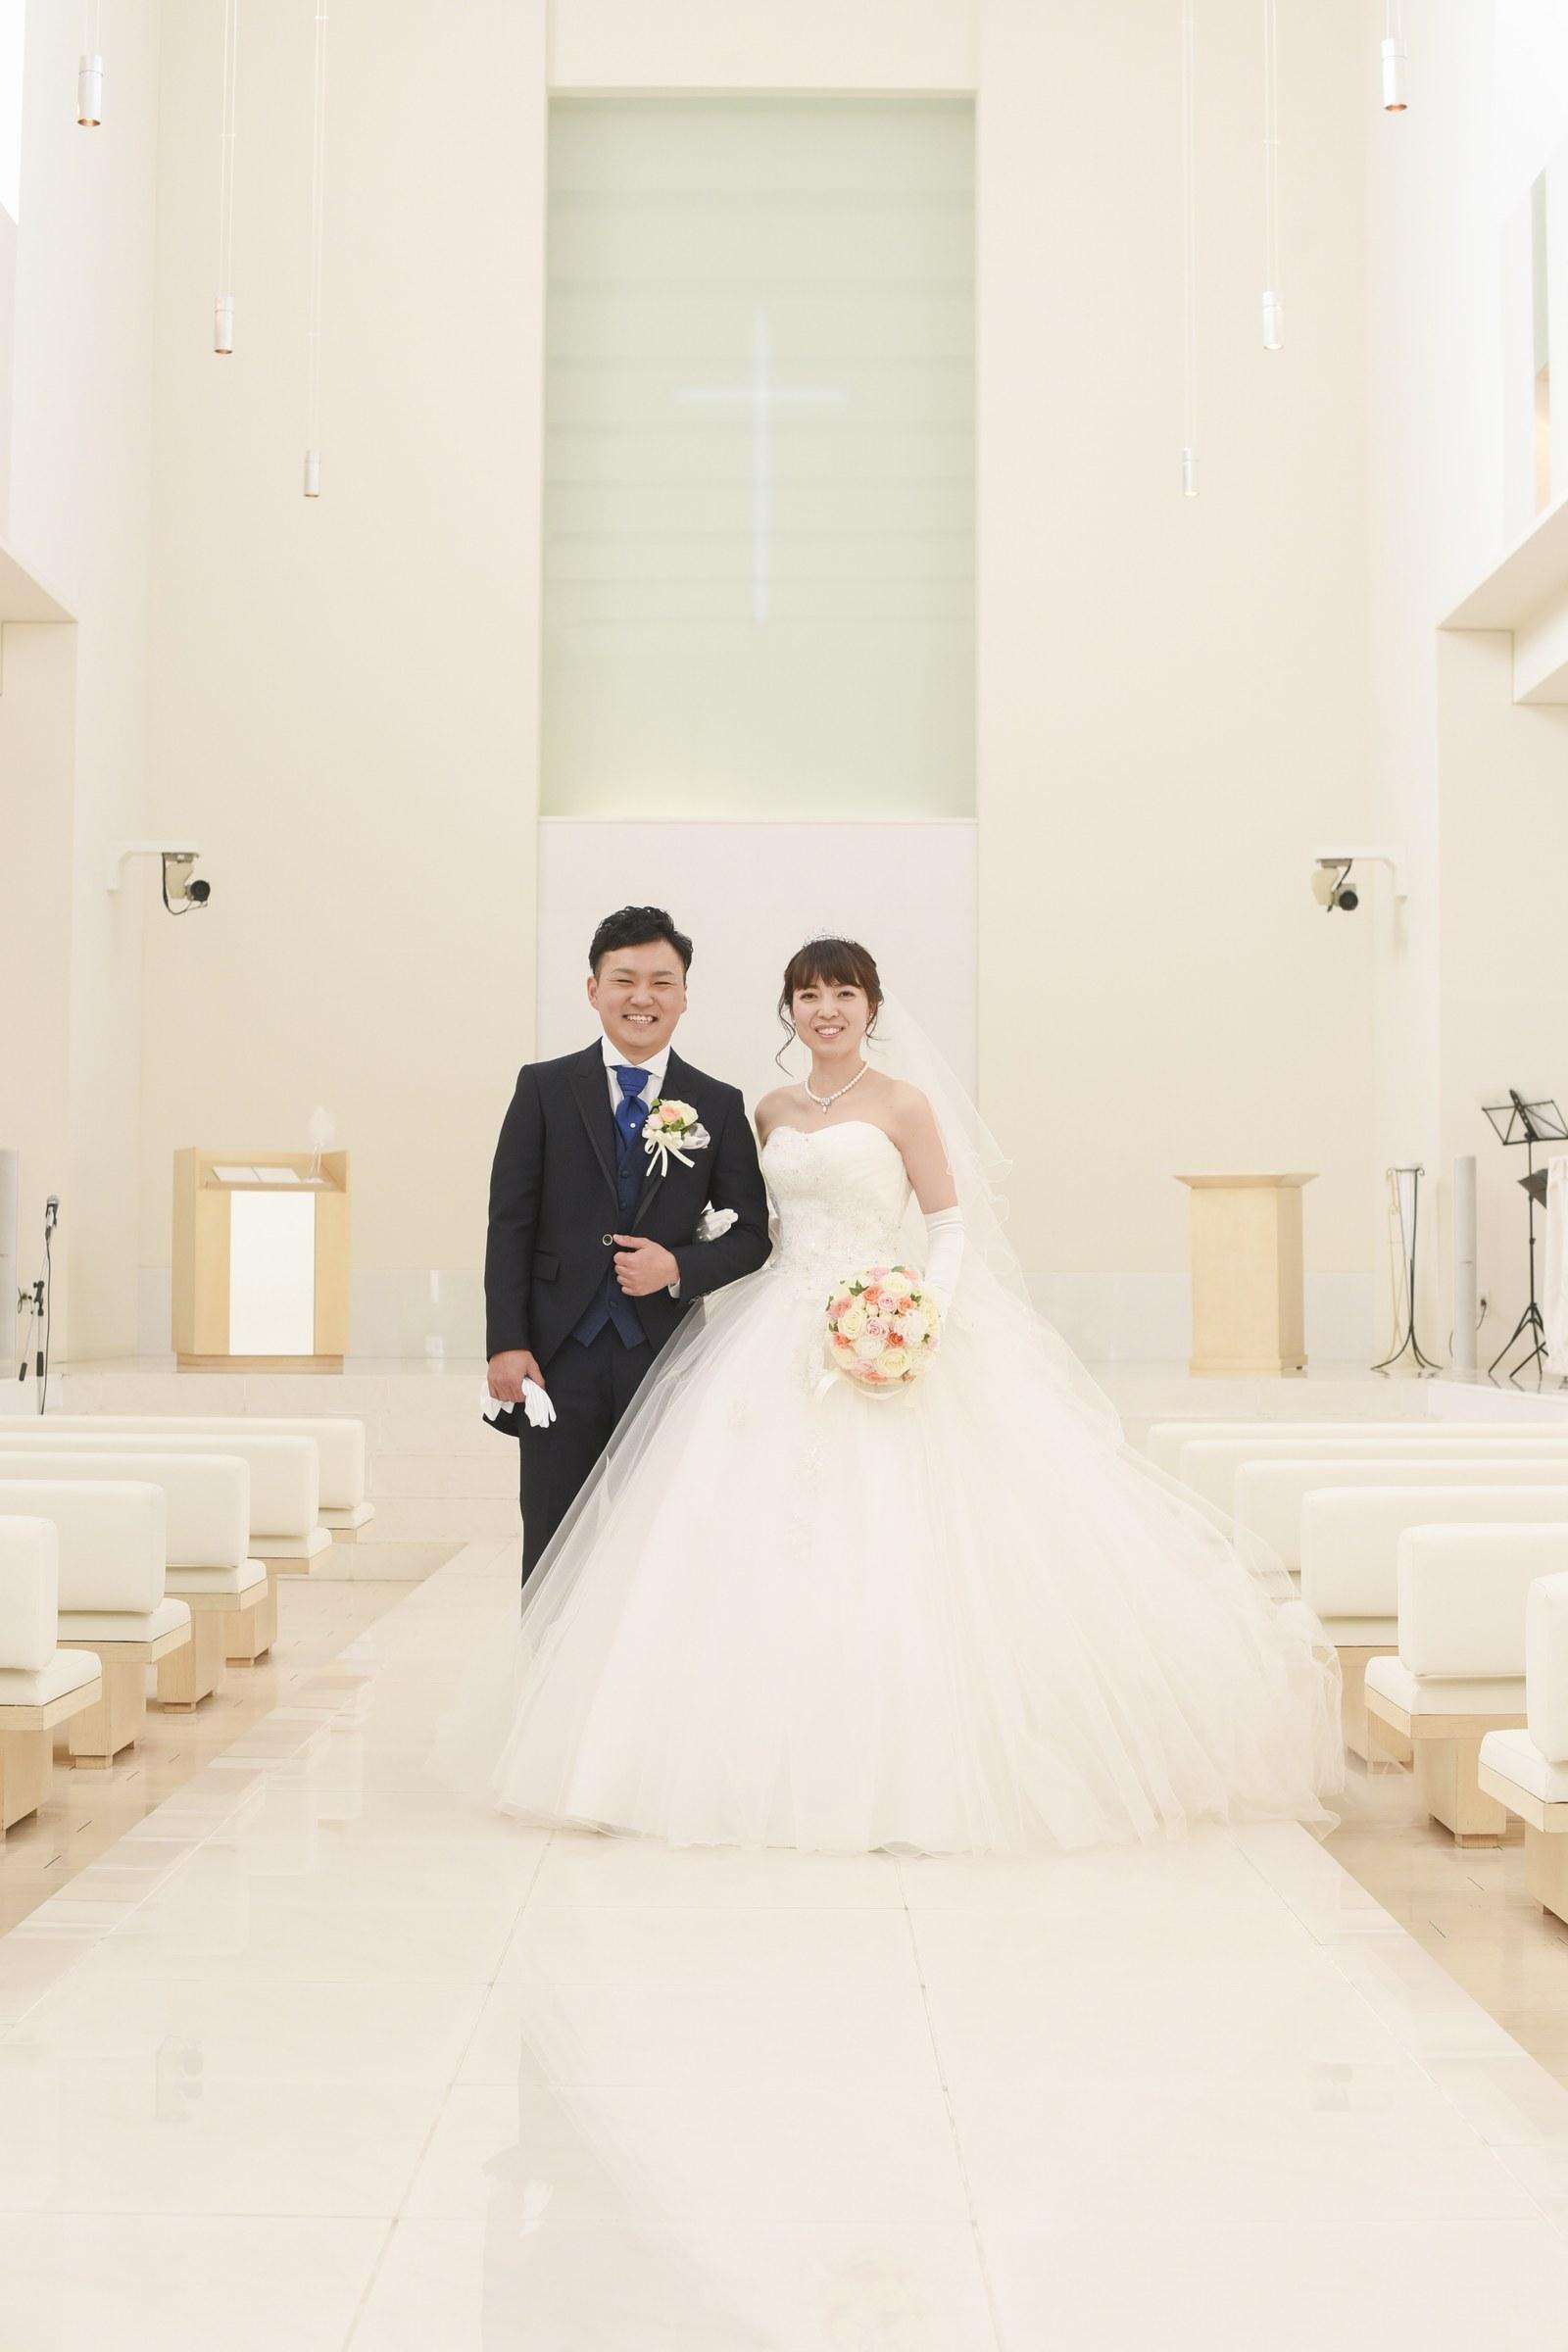 徳島市の結婚式場ブランアンジュで挙式前にチャペルにて記念写真